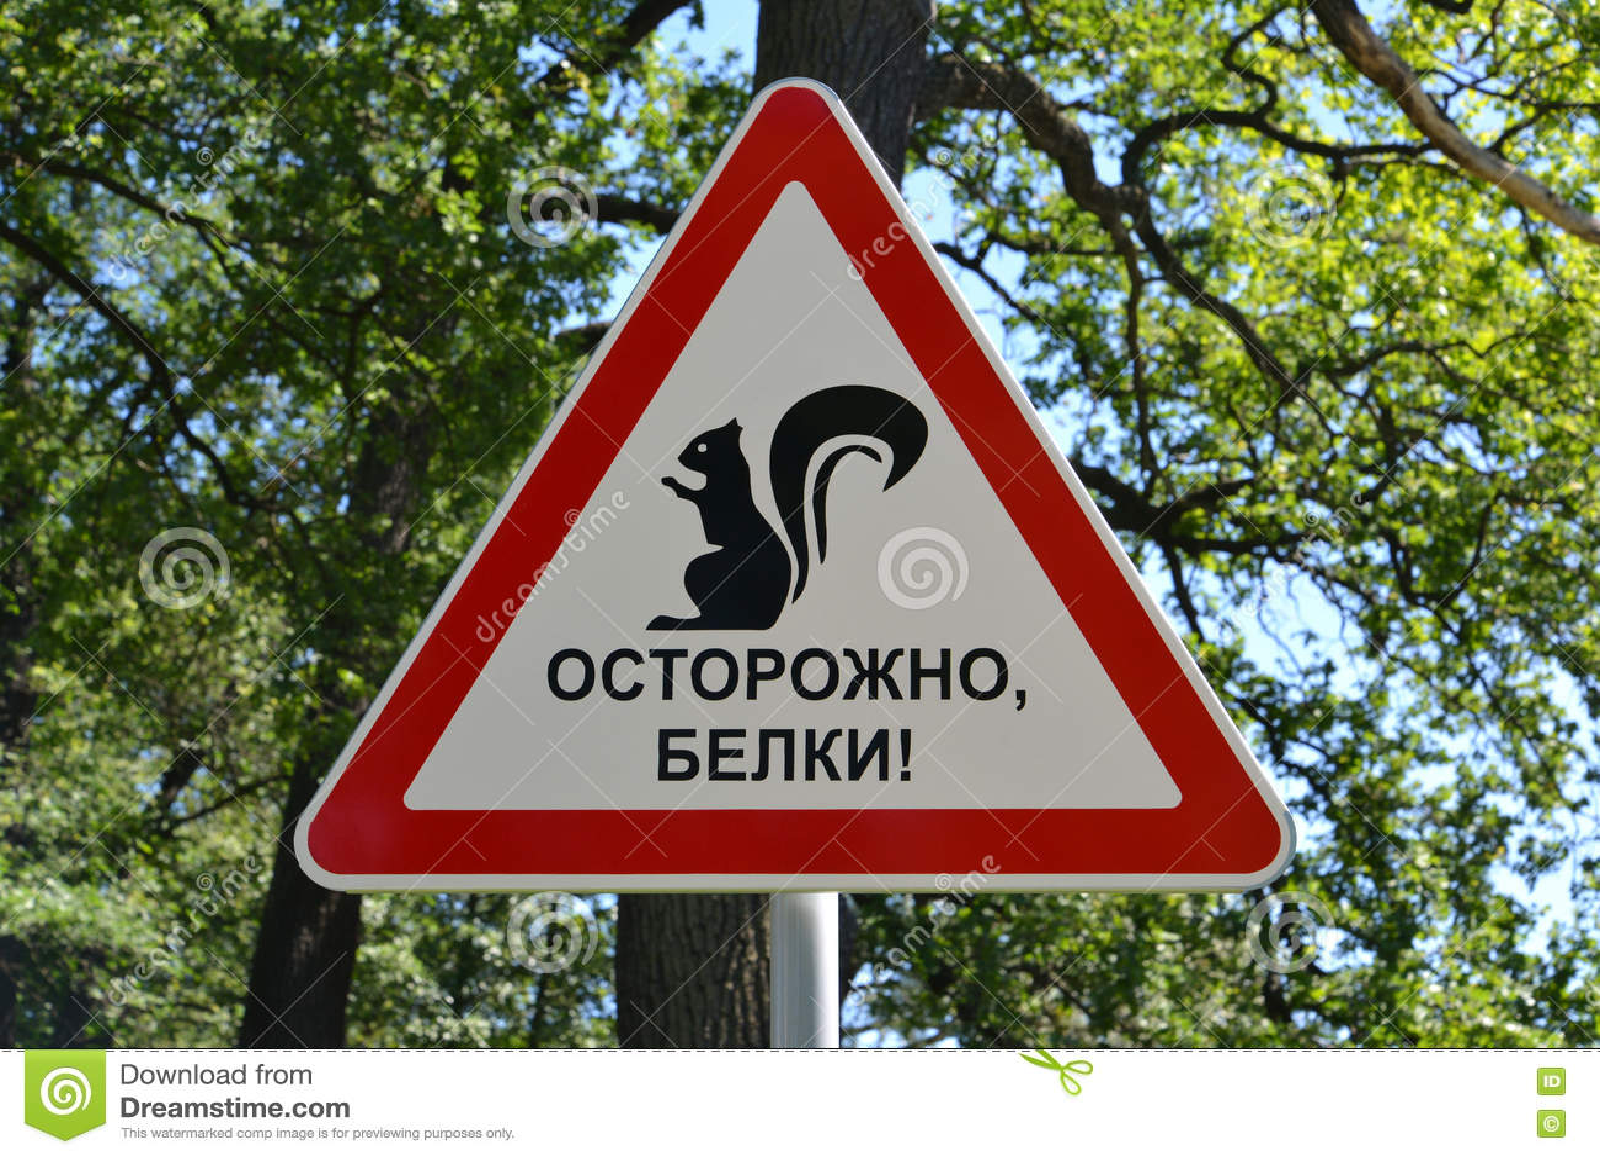 防备标志仔细,灰鼠!在公园